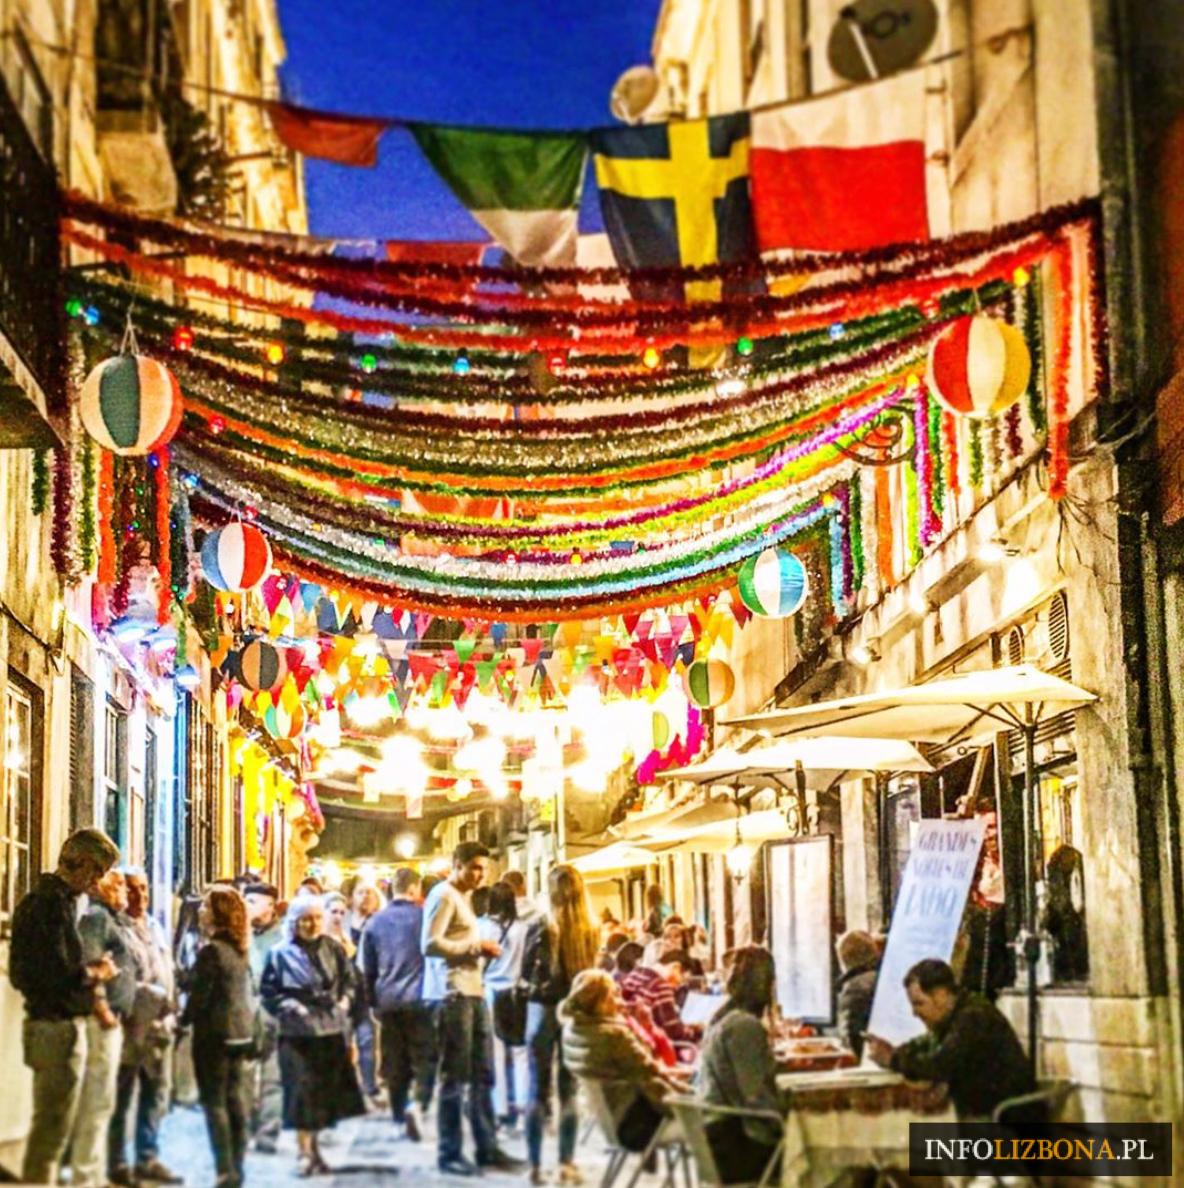 Bairro Alto Lizbona Lisbona Przewodnik Opis Zwiedzanie Co Warto Zobaczyć Najlepsze Baru Puby Kluby Dyskoteki Bairo Alto w Lizbonie Portugalia Polski Lokalny Przewodnik